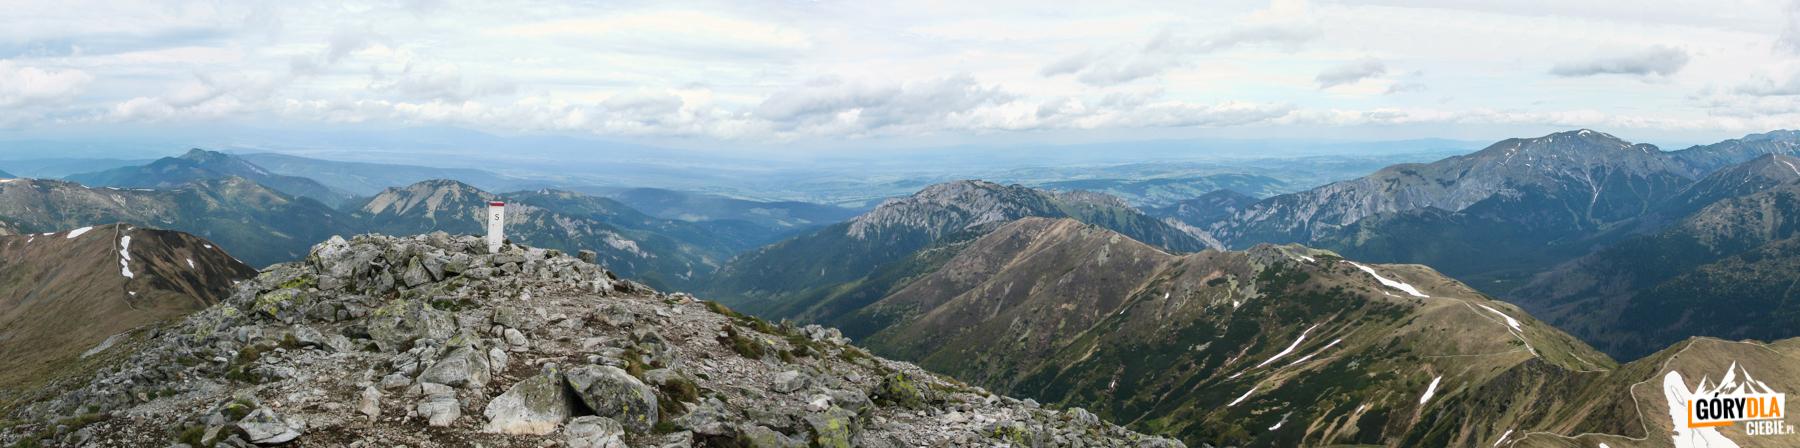 Widok zeszczytu Starorobociańskiego Wierchu (2176 m) naGrzesia (1653 m), Osobitą (1687 m) iBobrowiec (1663 m), Kominiarski Wierch (1829 m), grań Ornaku (1854 m) iCzerwone Wierchy